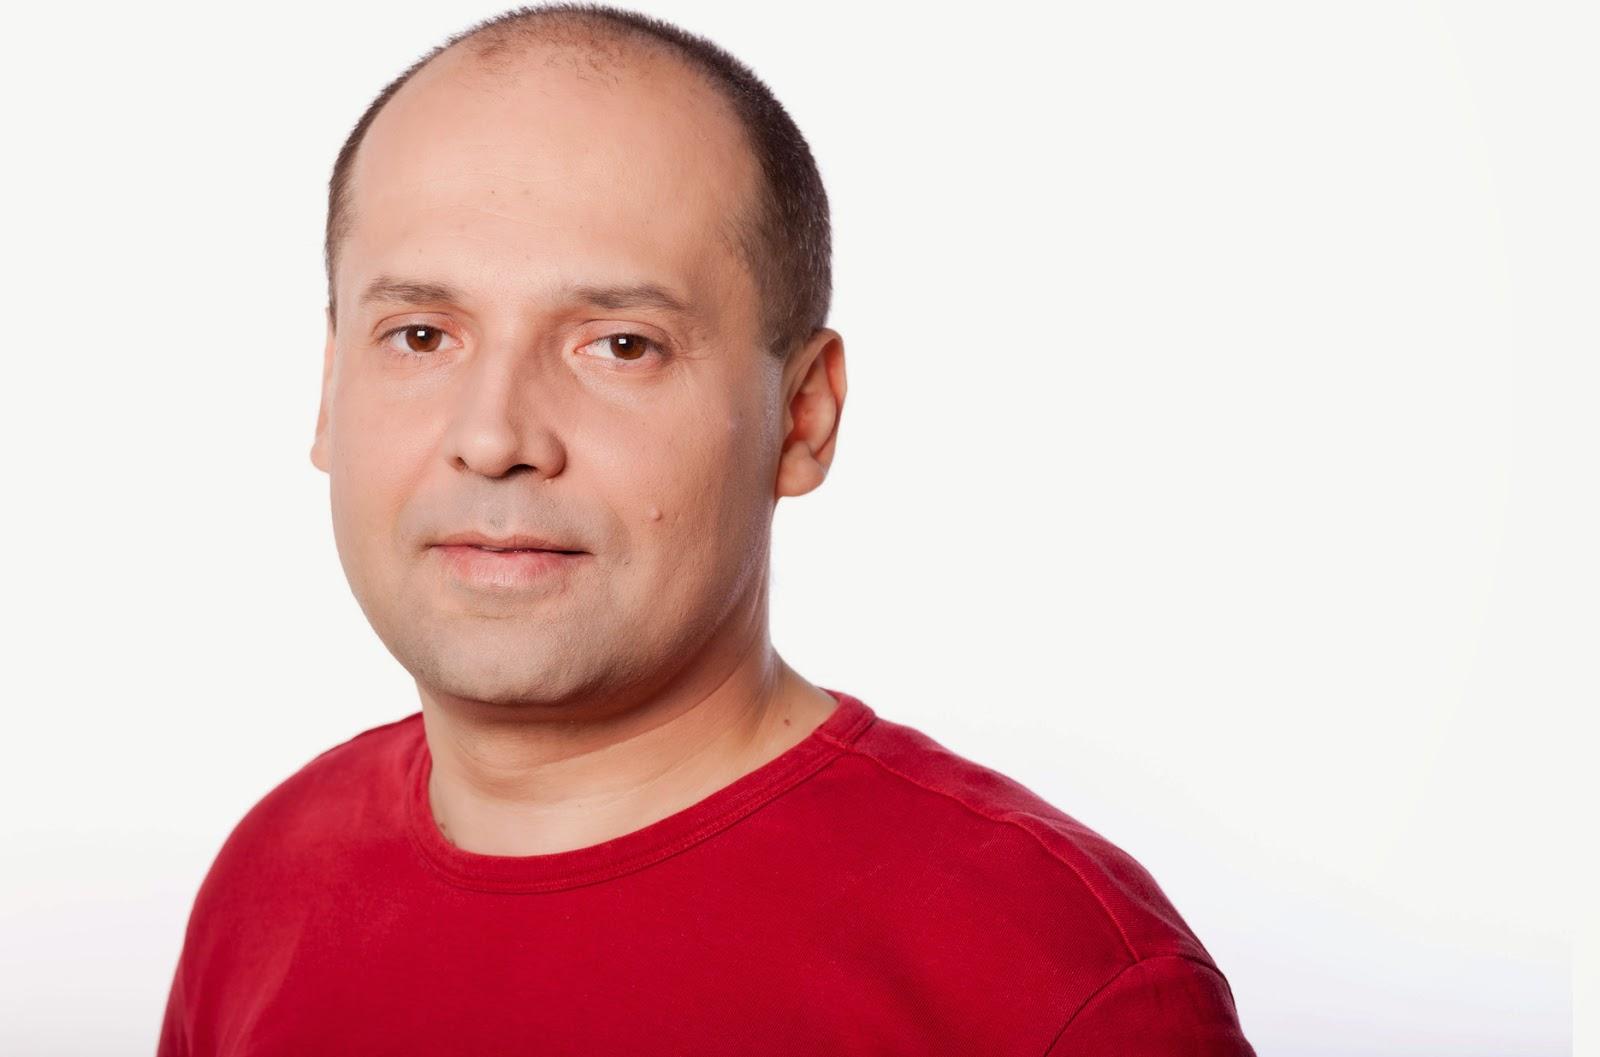 Radu Banciu, B1, magyarellenesség, idegengyűlölet, Románia, Erdély, magyarság, RMDSZ, EMNP, diszkrimináció